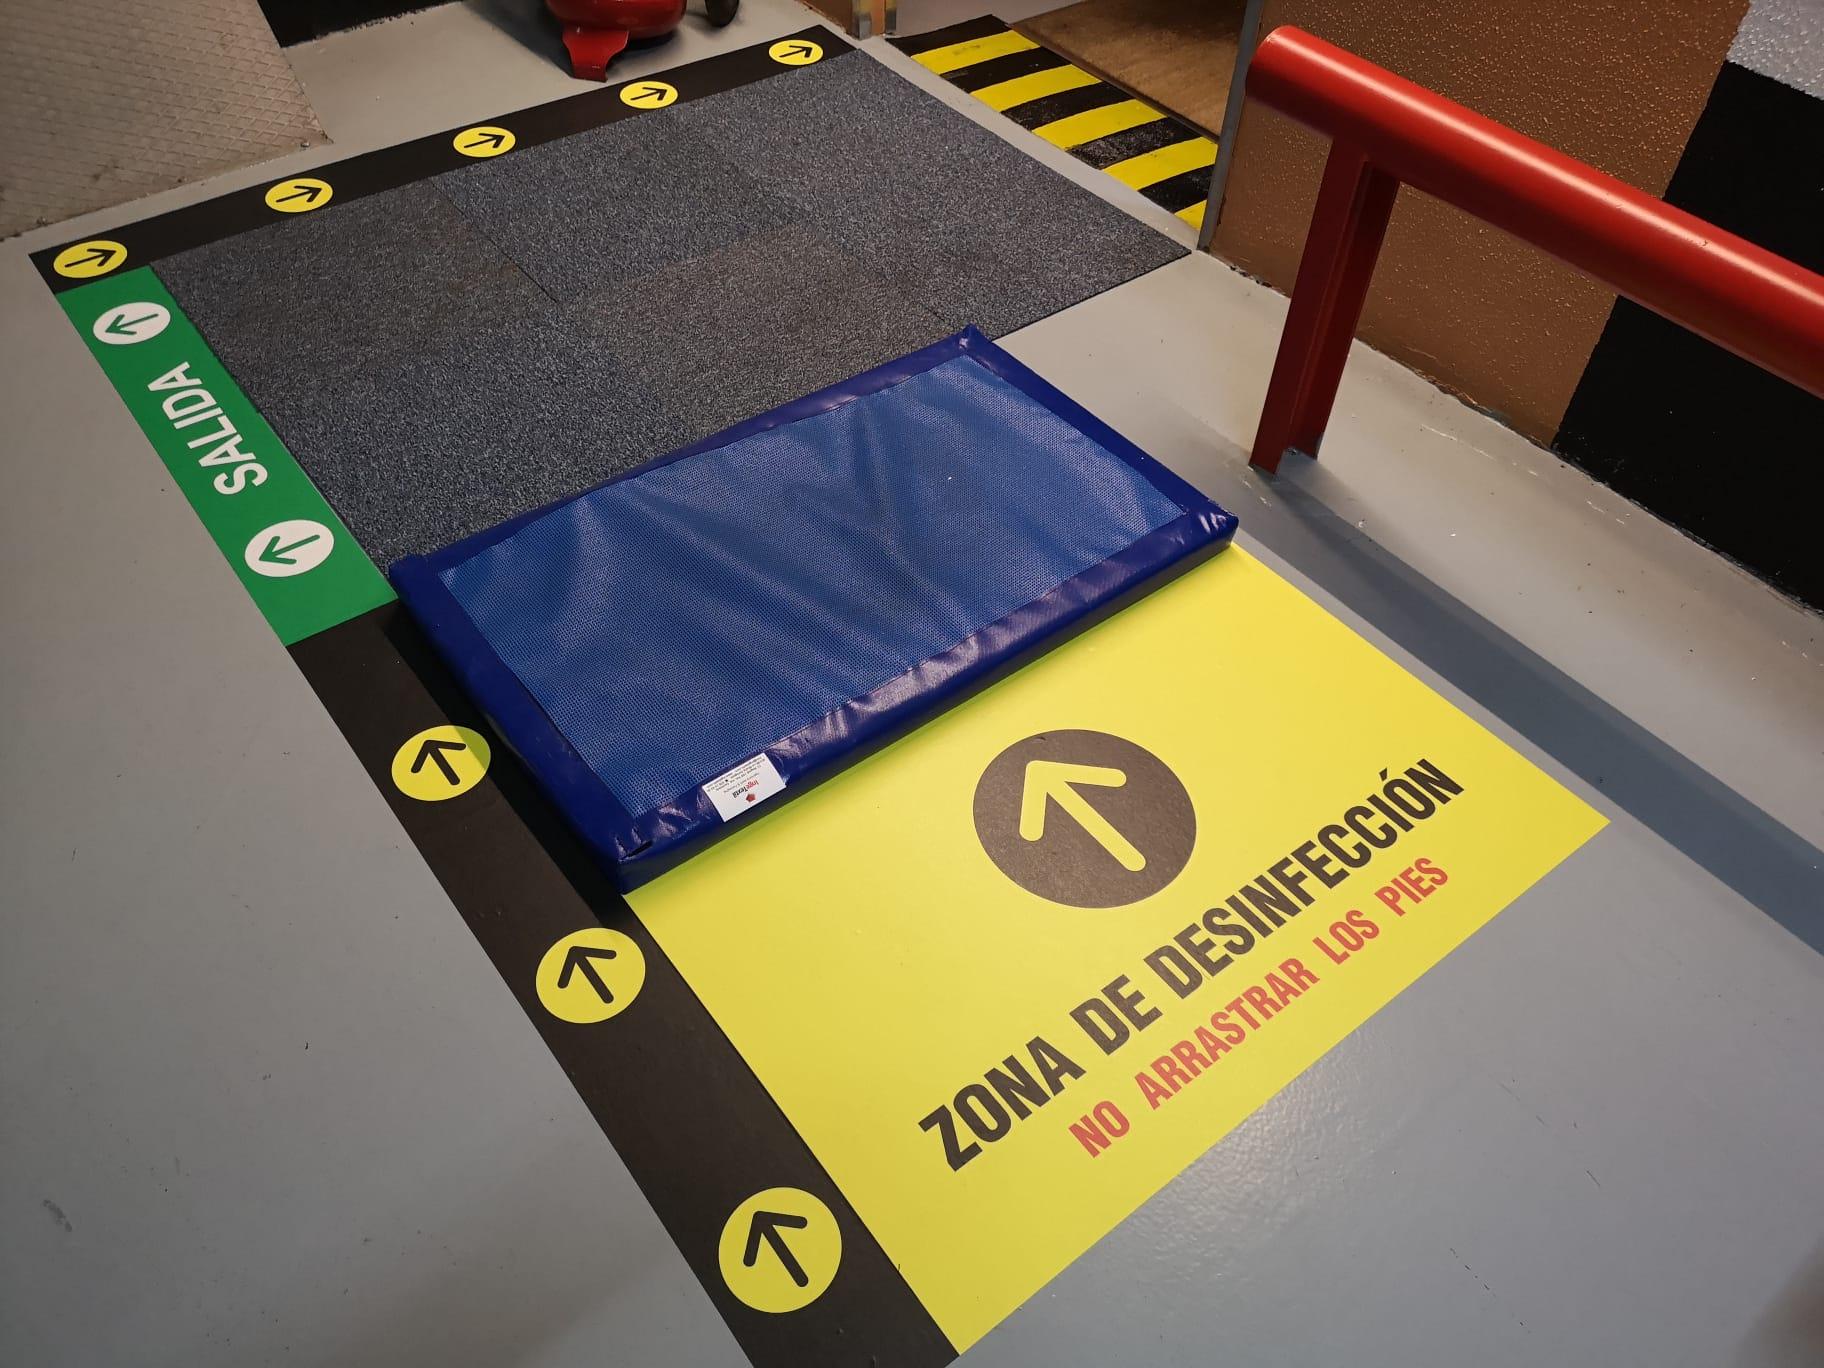 Vinilos personalizados para señalización de rutas y accesos a puntos de desinfección segun normativa covid para edificios y accesos en general